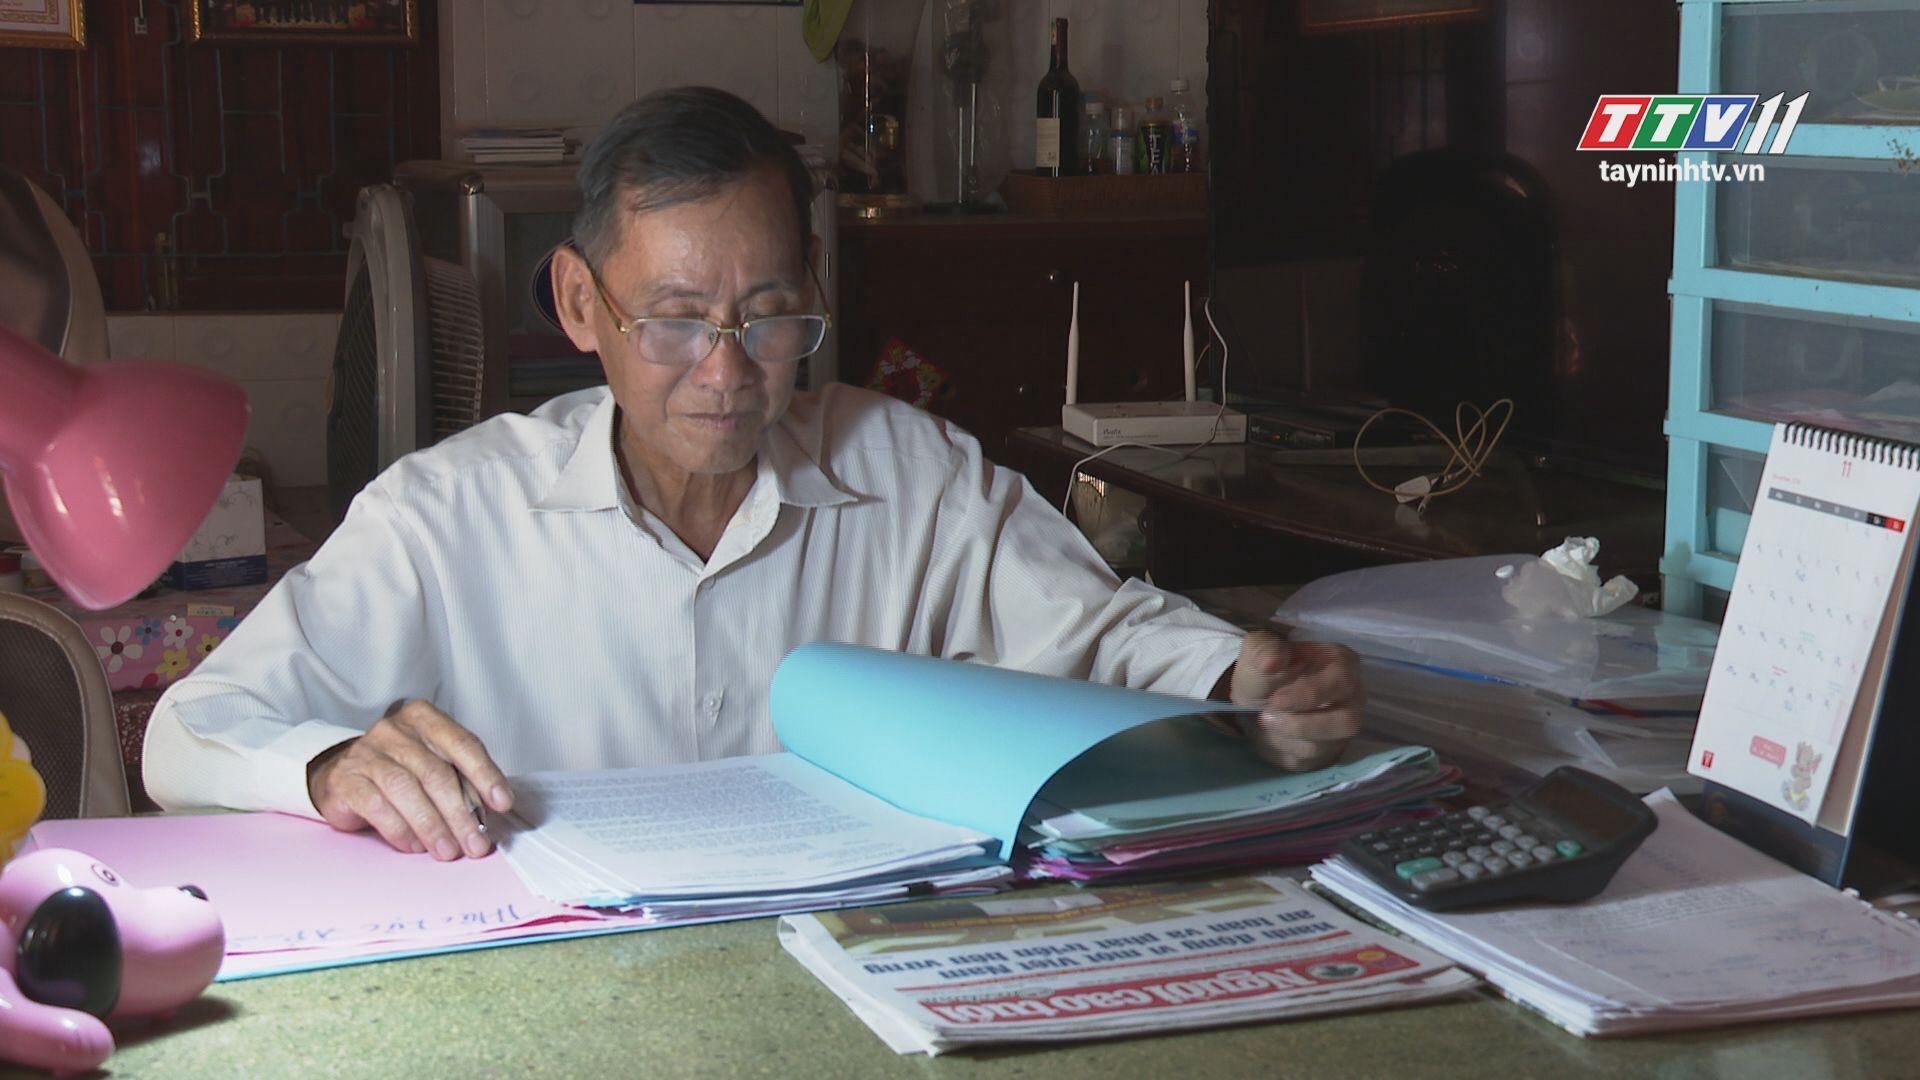 Ông Bảy thiện nguyện | HOA CUỘC SỐNG | TayNinhTV